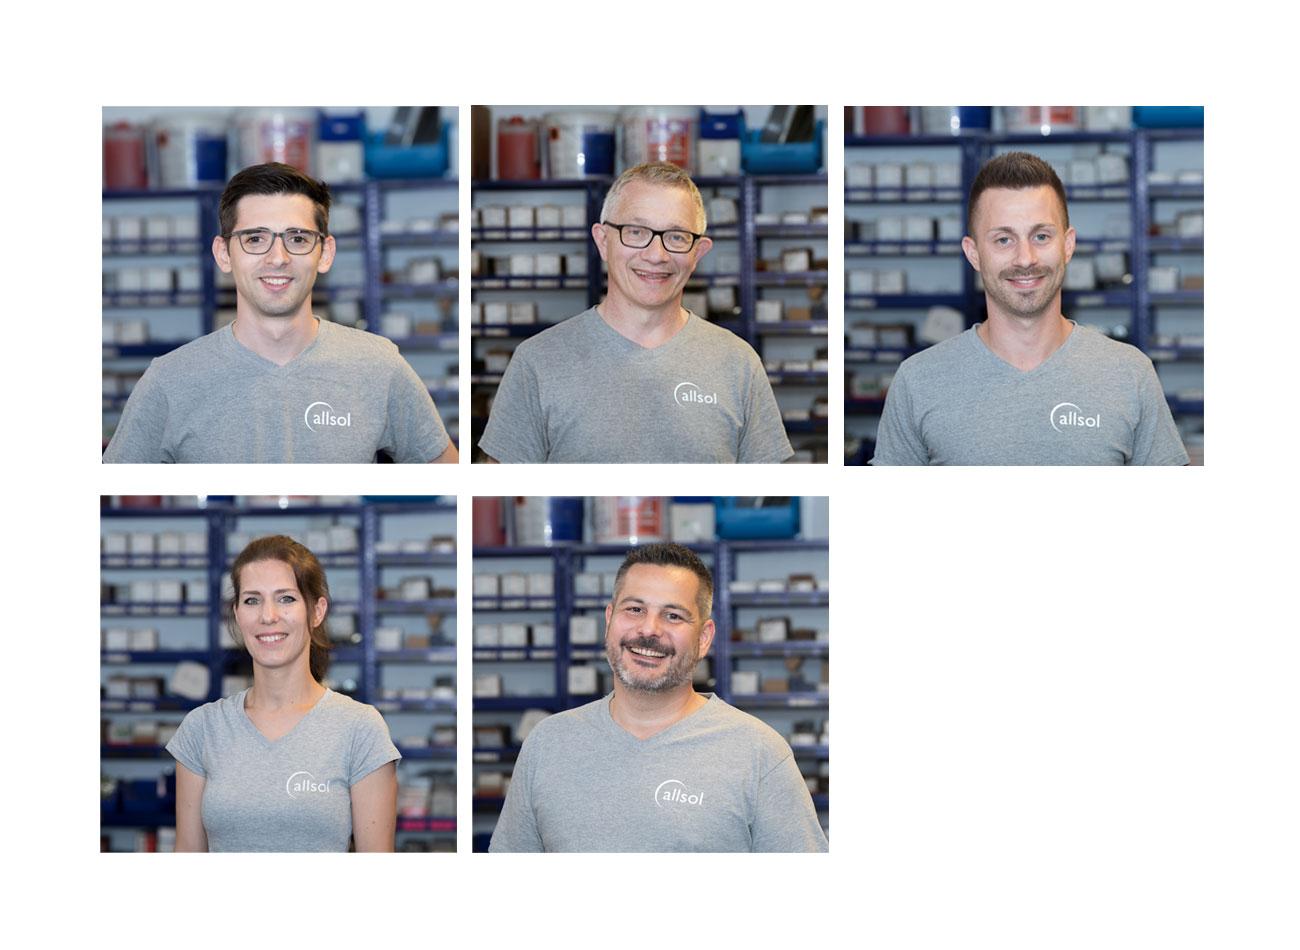 Porträt Fotografie Allsol GmbH Reinach   Photovoltaik + Heizungssysteme